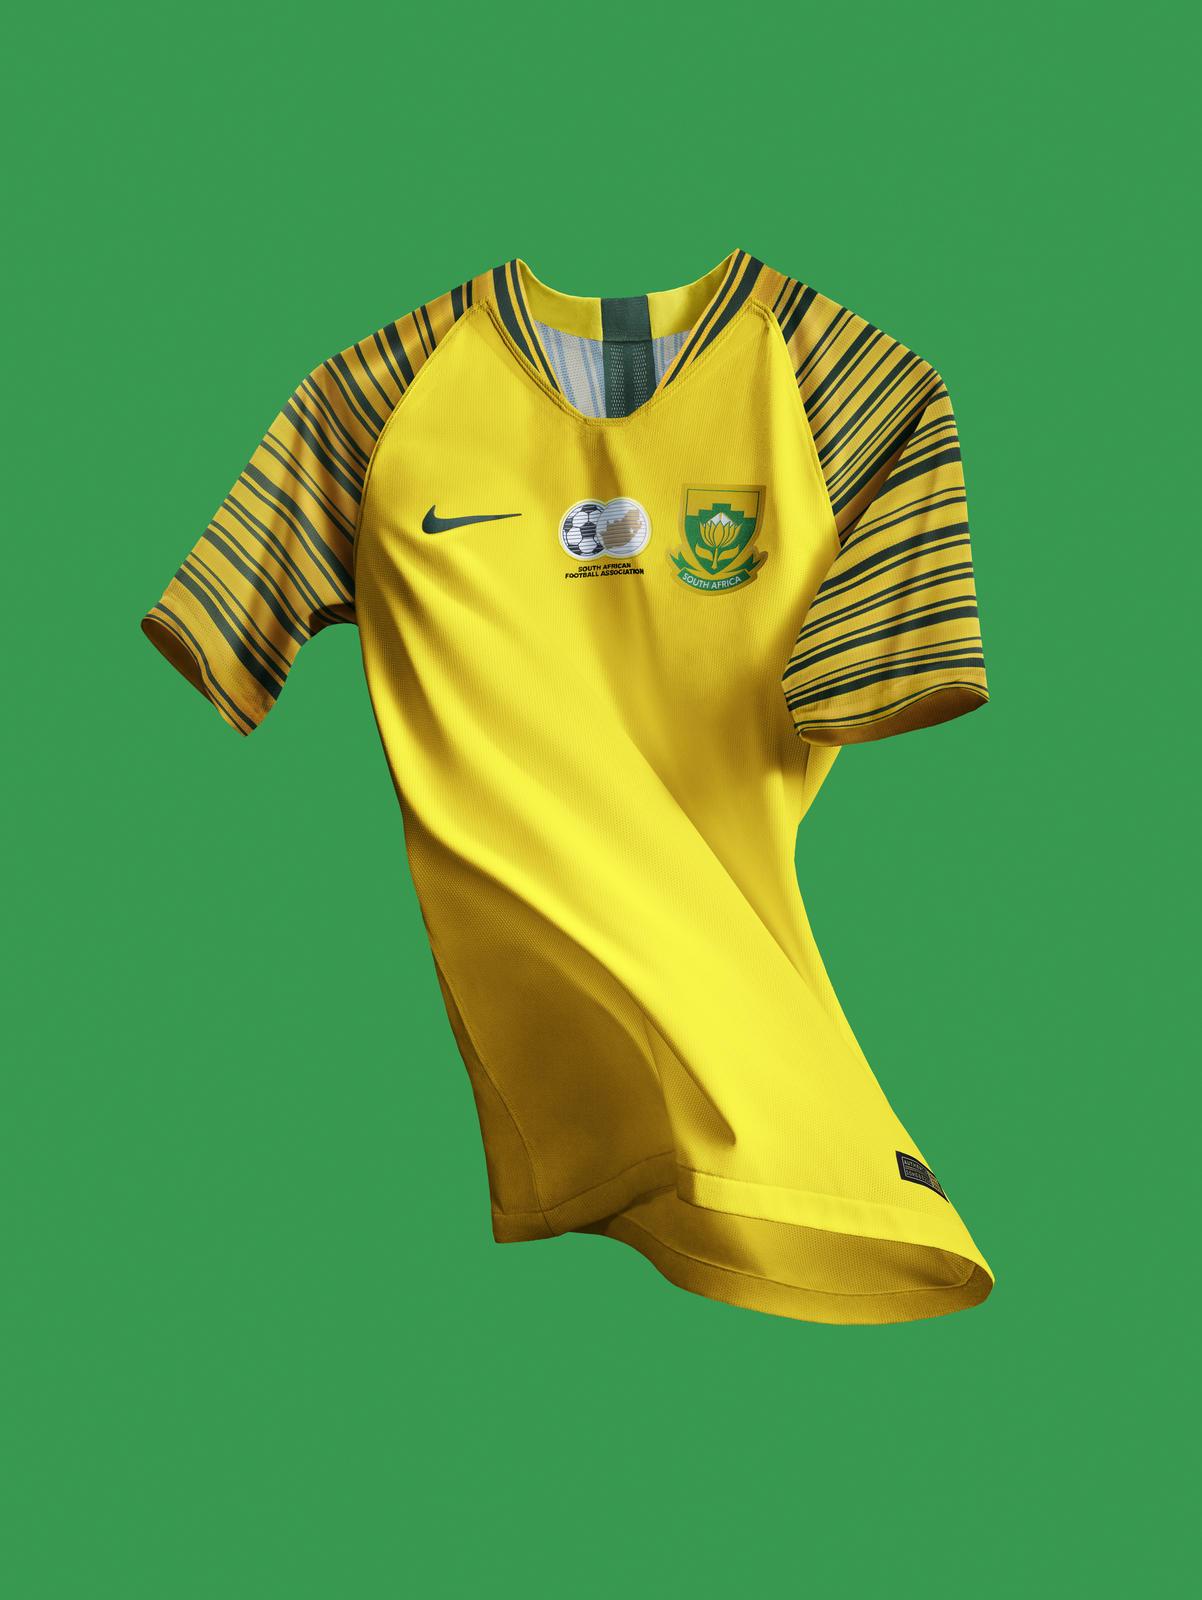 Dazzling Yellow for Bafana Bafana